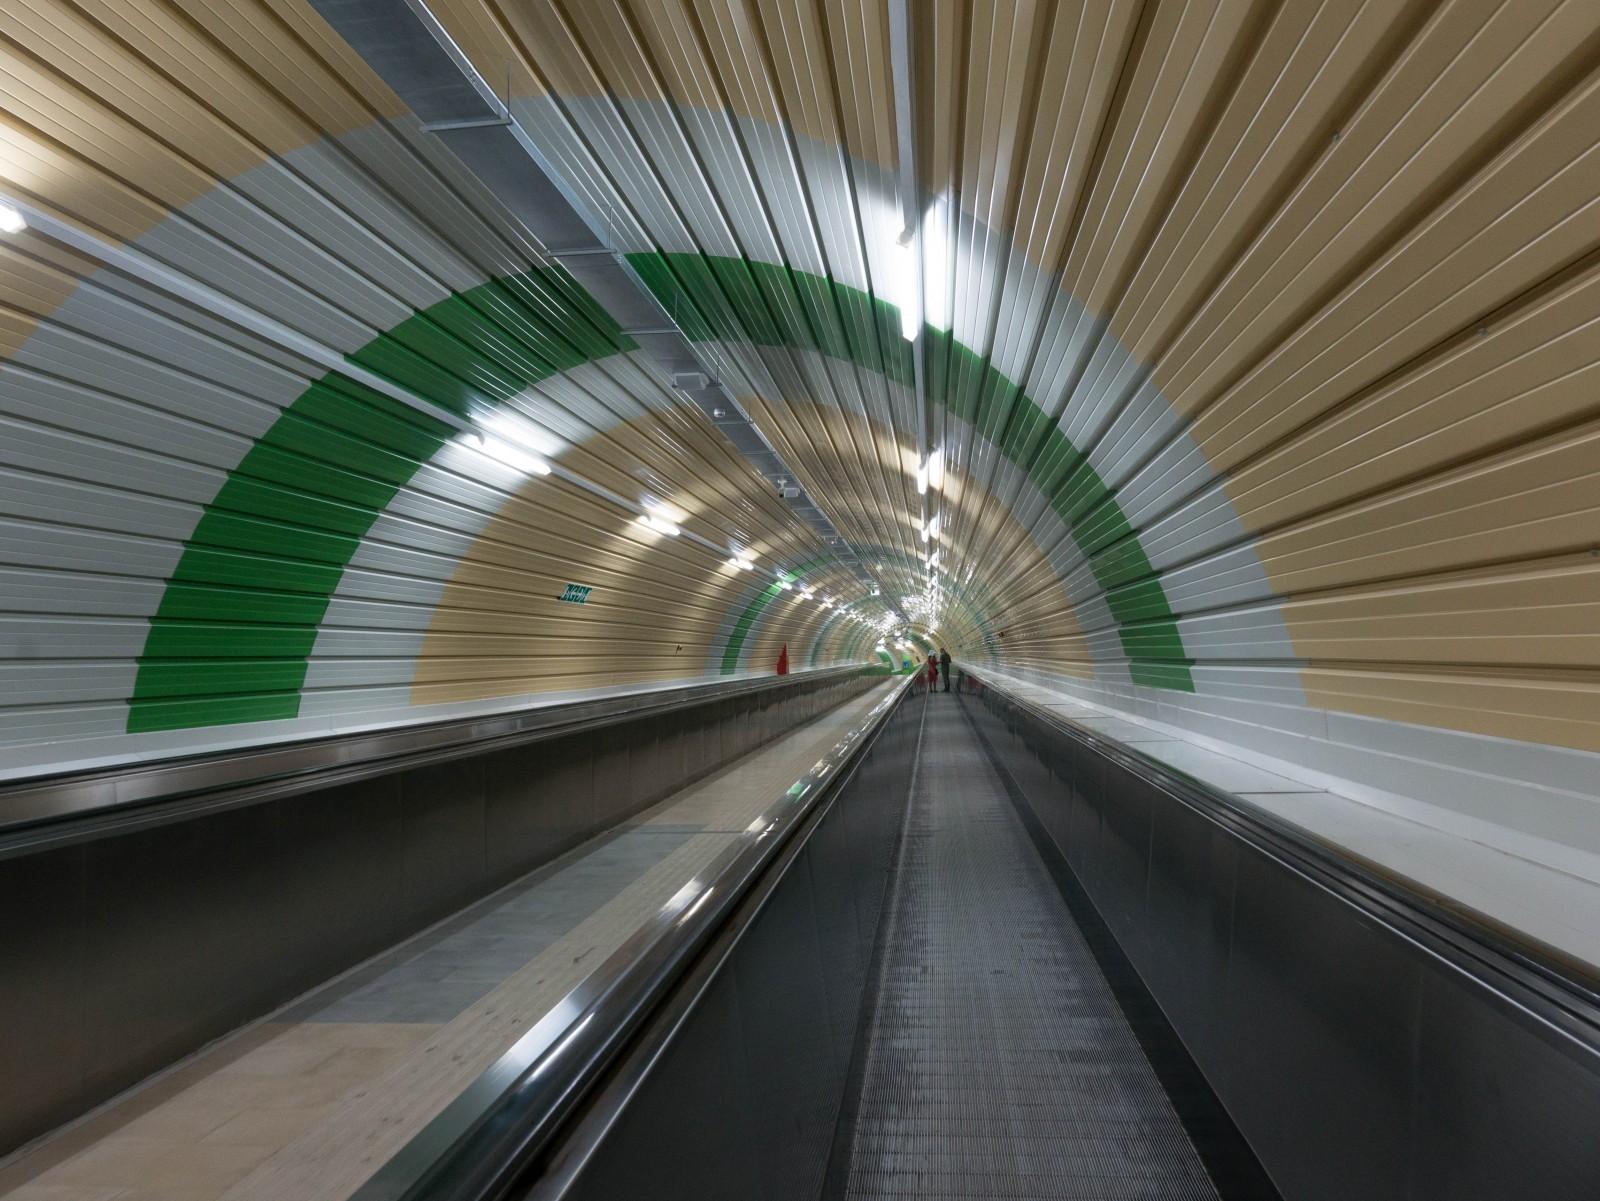 Spoletto, un tunnel du métro piétonnier. © Ph. Cieren.